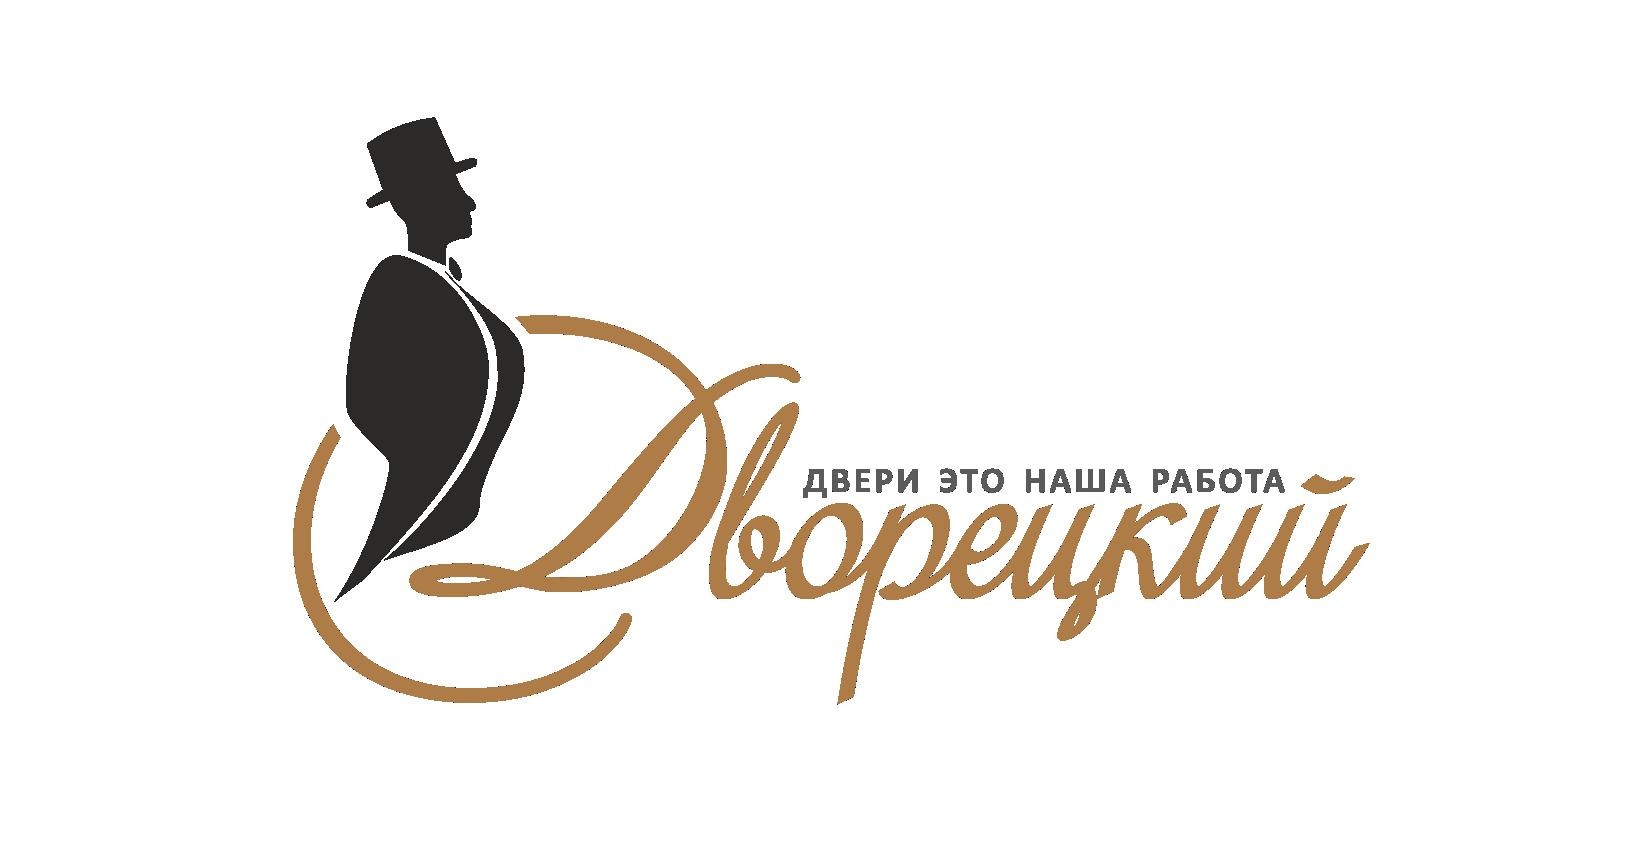 Логотип Дворецкий